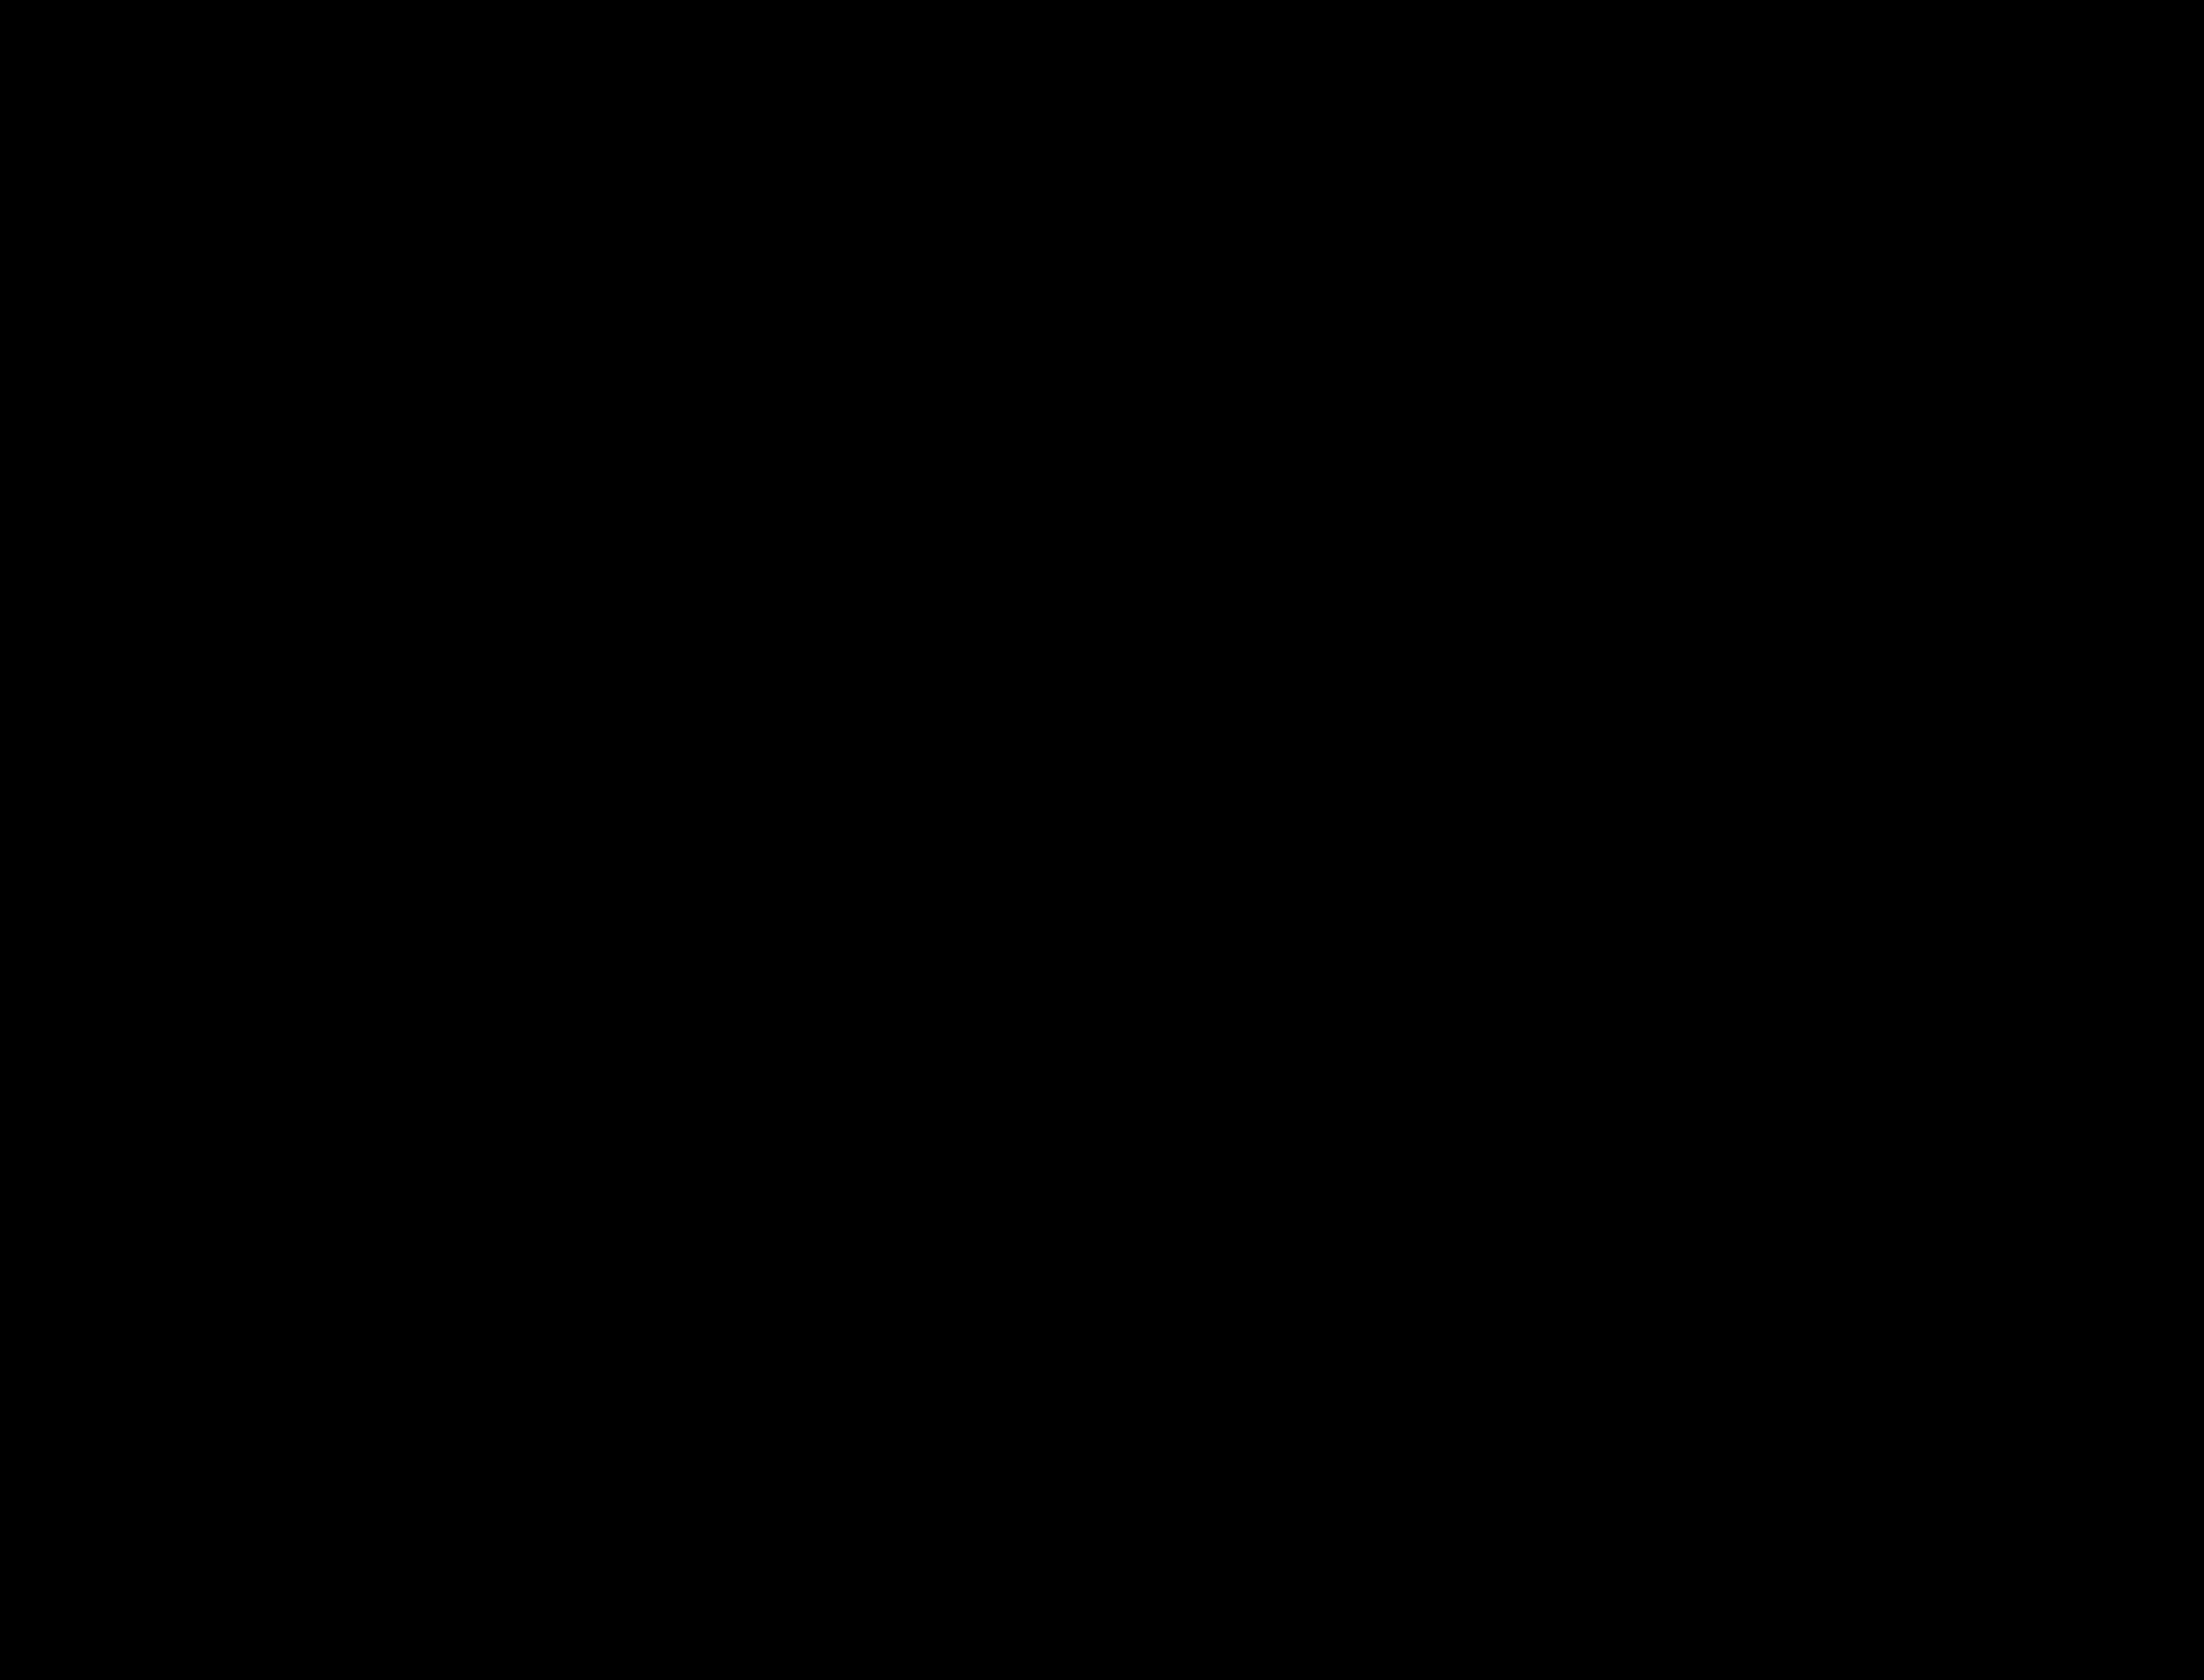 Sexi hot sex video hd